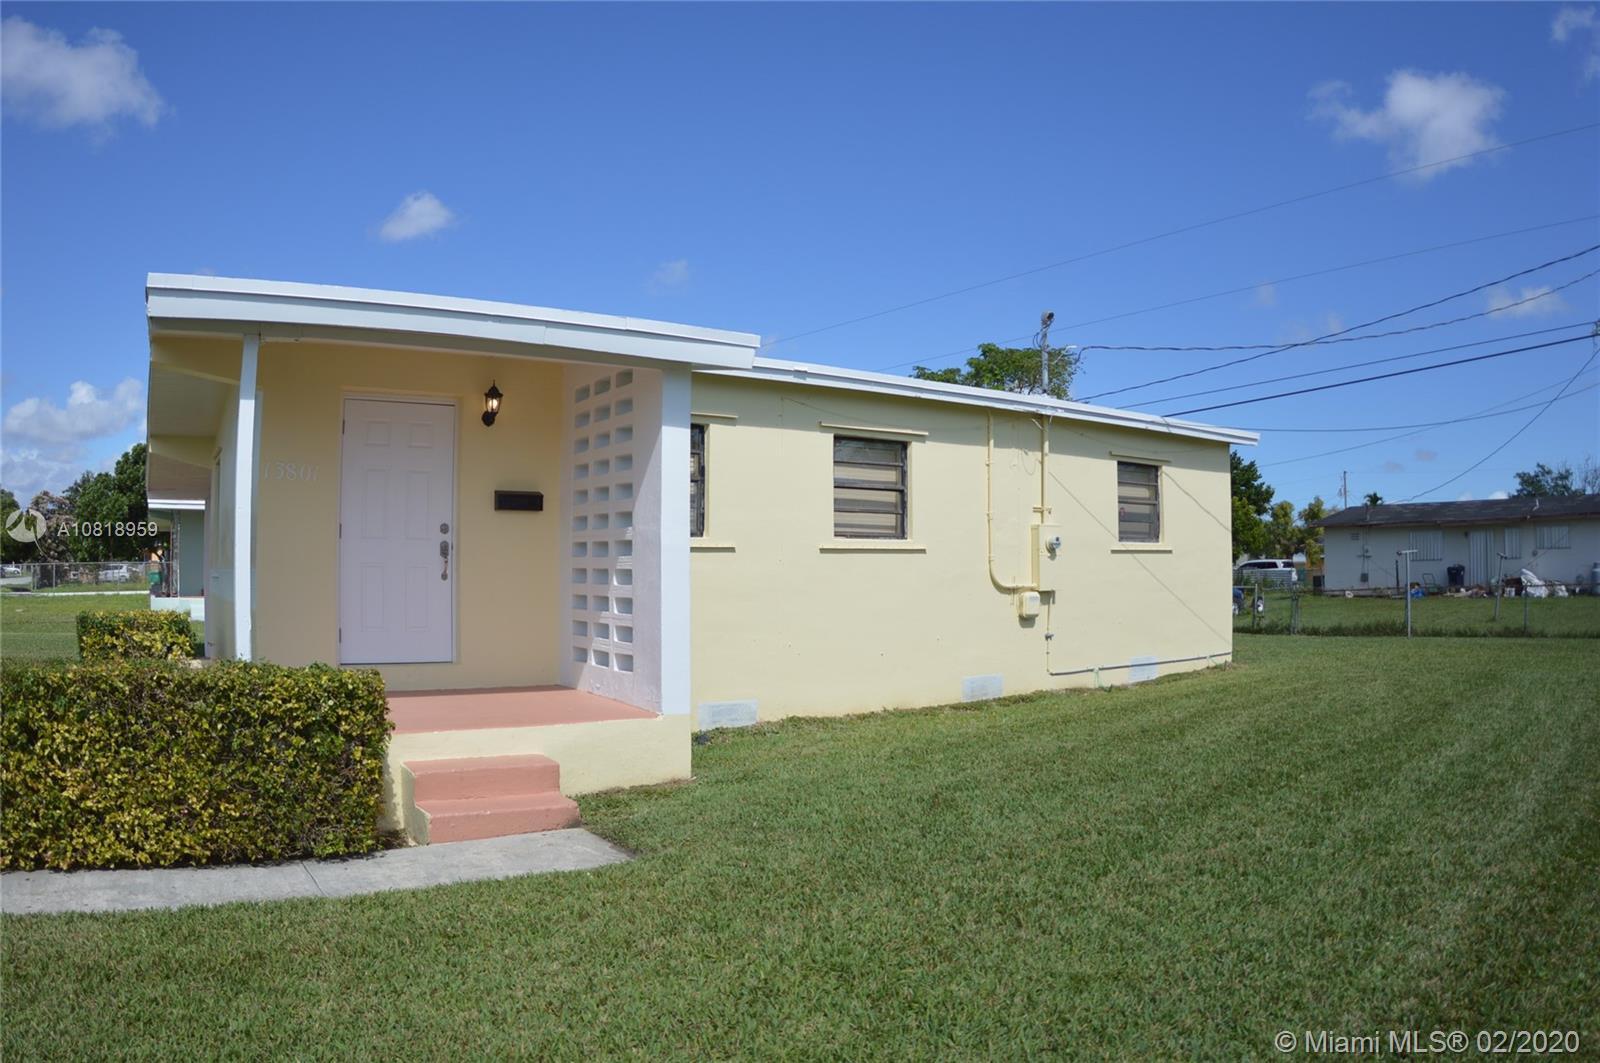 13801  Jackson St  For Sale A10818959, FL